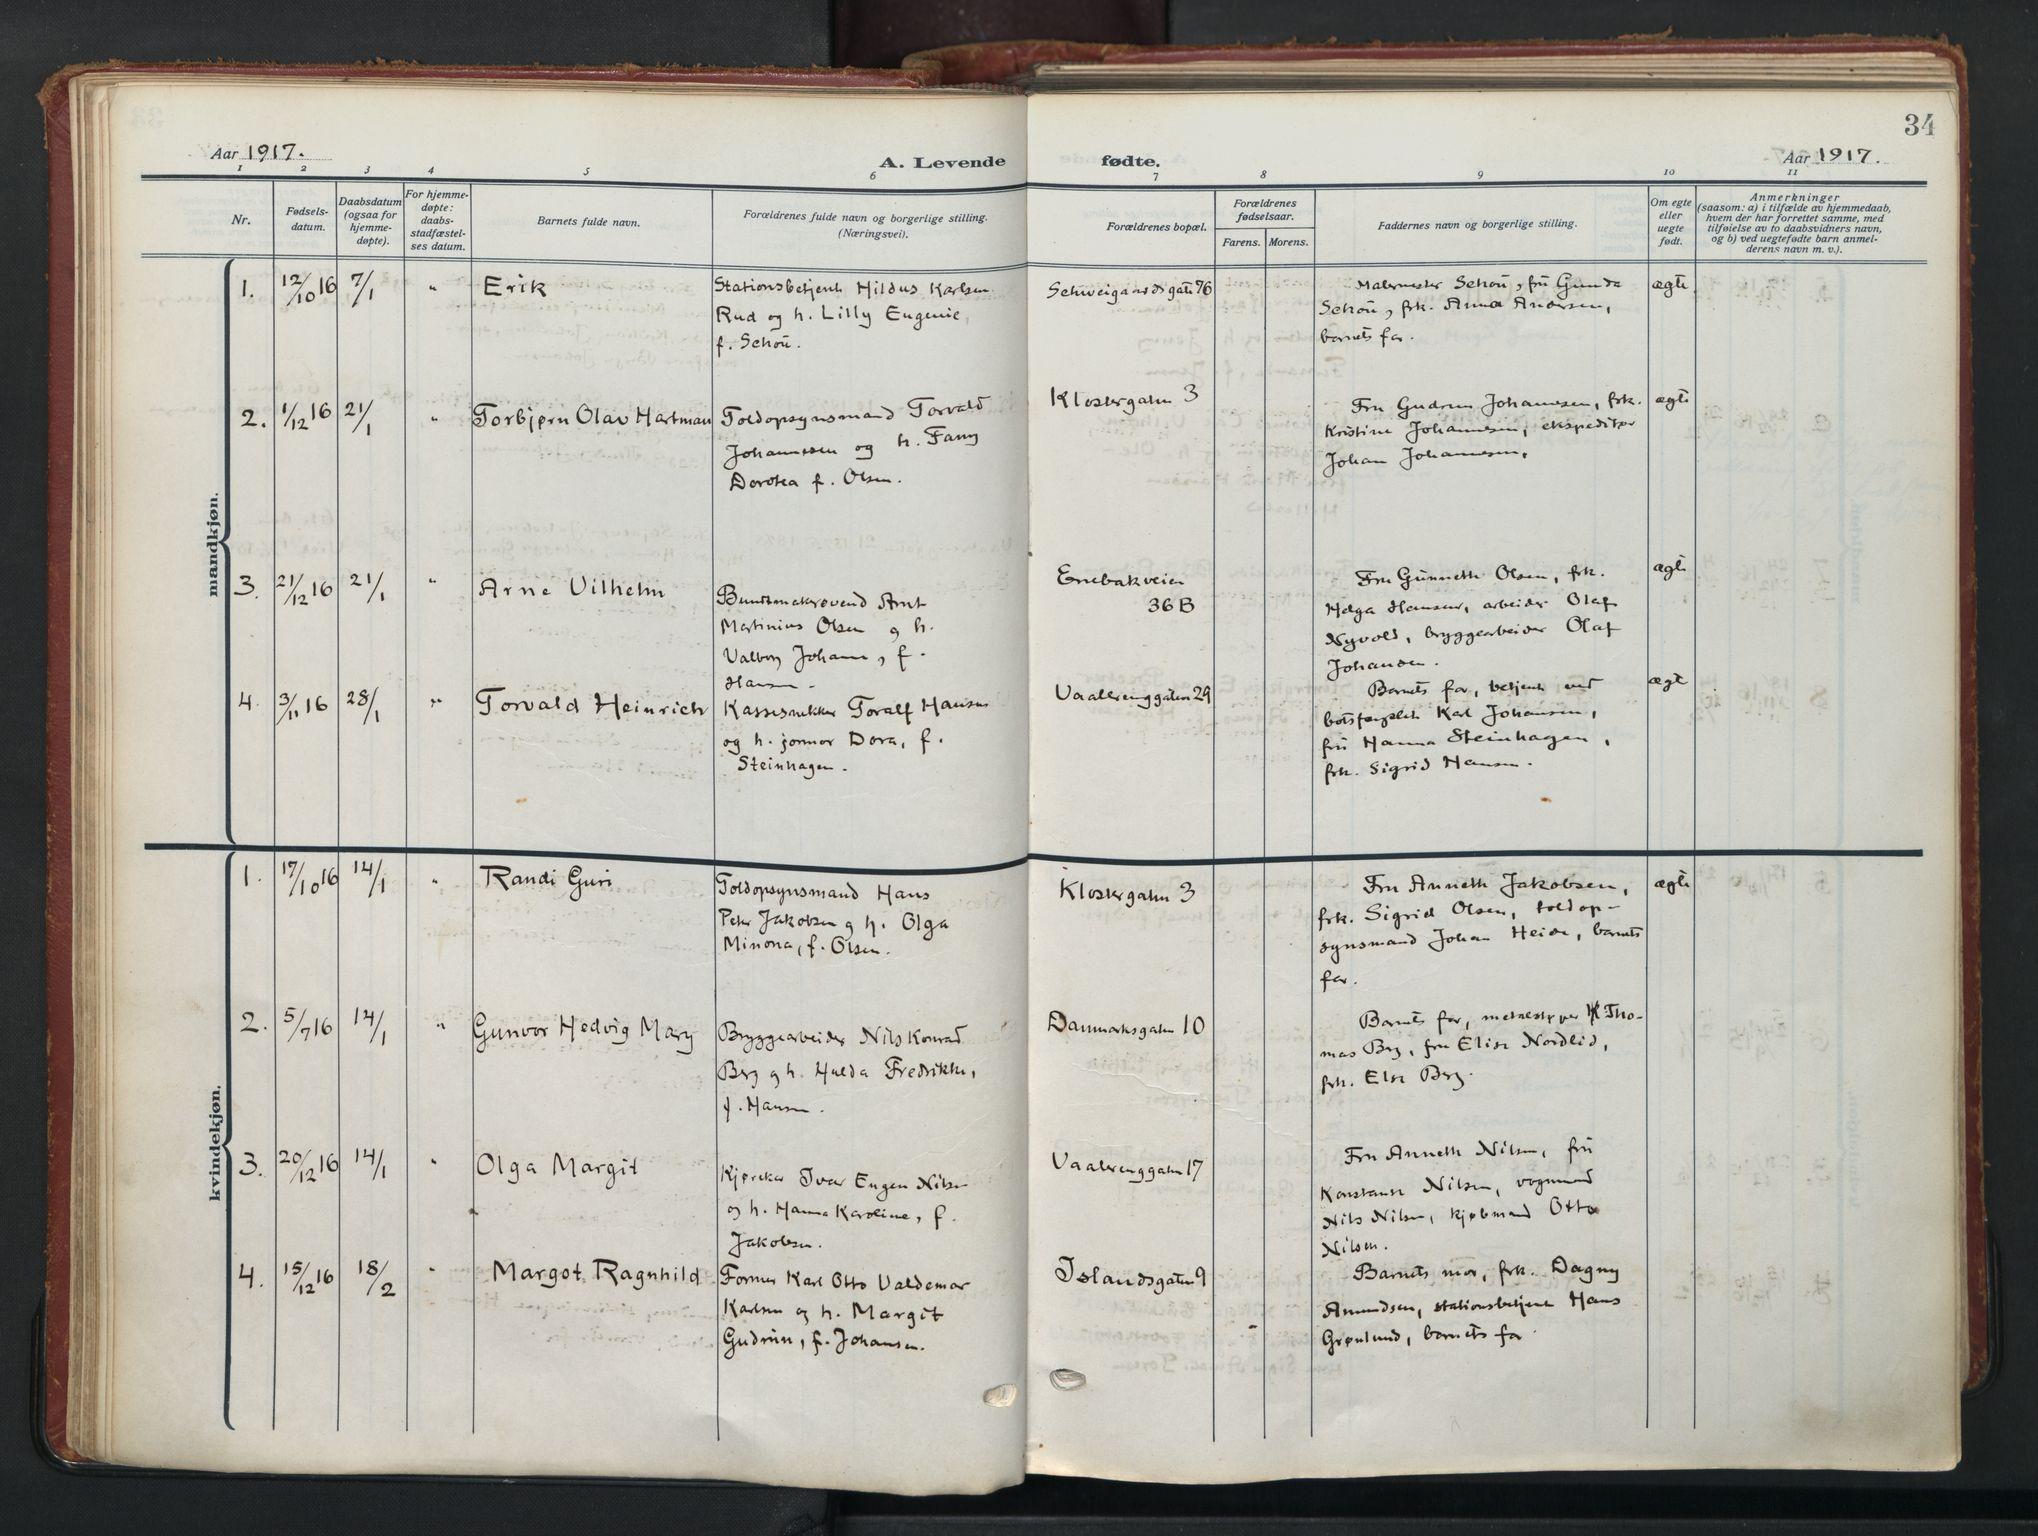 SAO, Vålerengen prestekontor Kirkebøker, F/Fa/L0004: Ministerialbok nr. 4, 1915-1929, s. 34